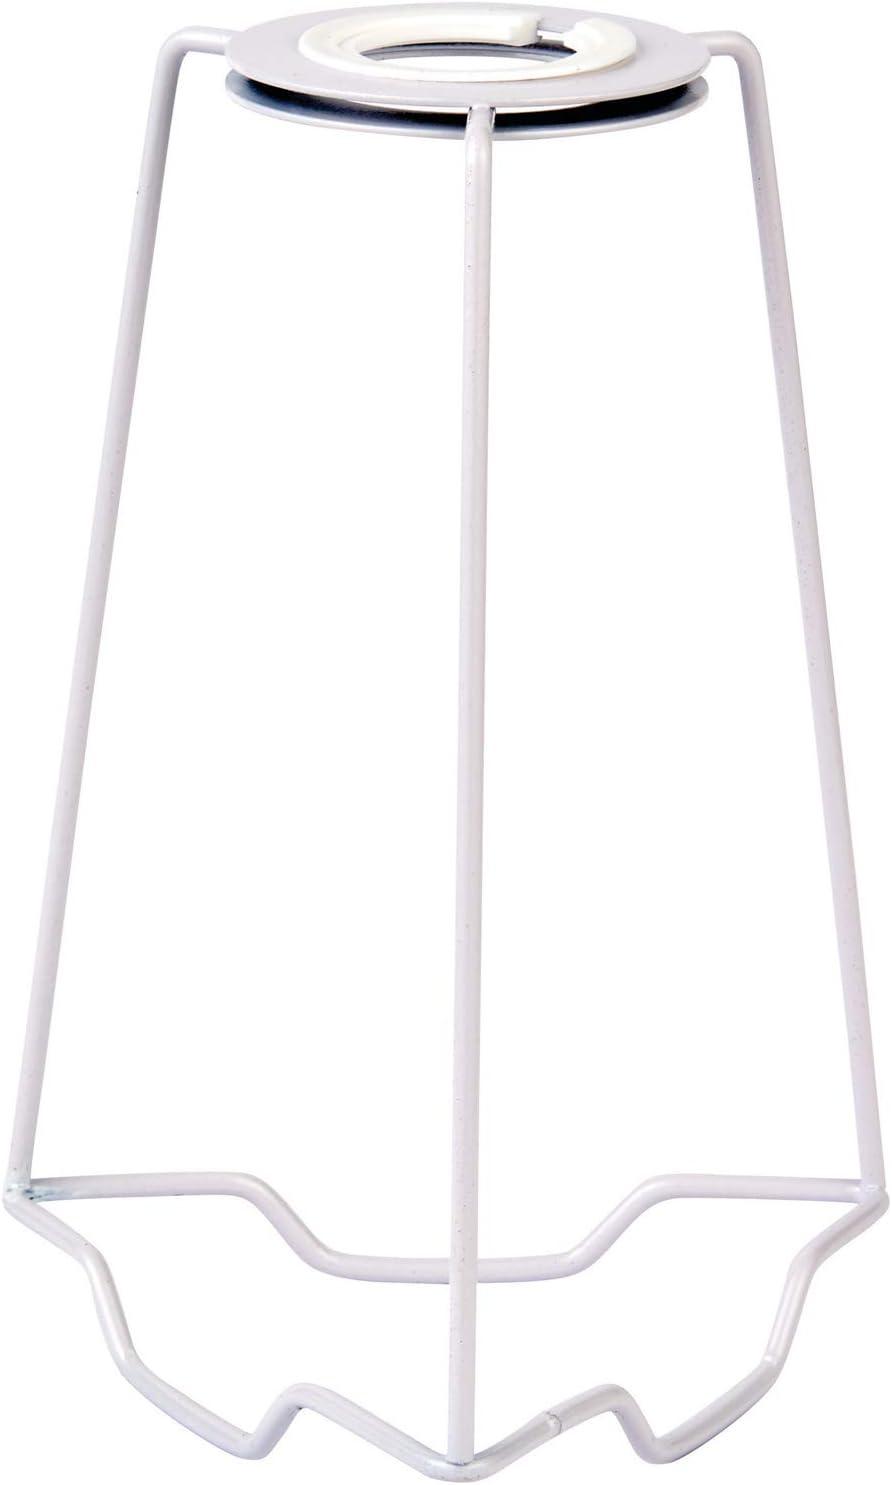 Gimble//Gimbal Metall-St/ützrahmen Lampenschirm-Halterung gl/änzender wei/ßer Stahl passend f/ür 25 mm Durchmesser Lampenst/änder